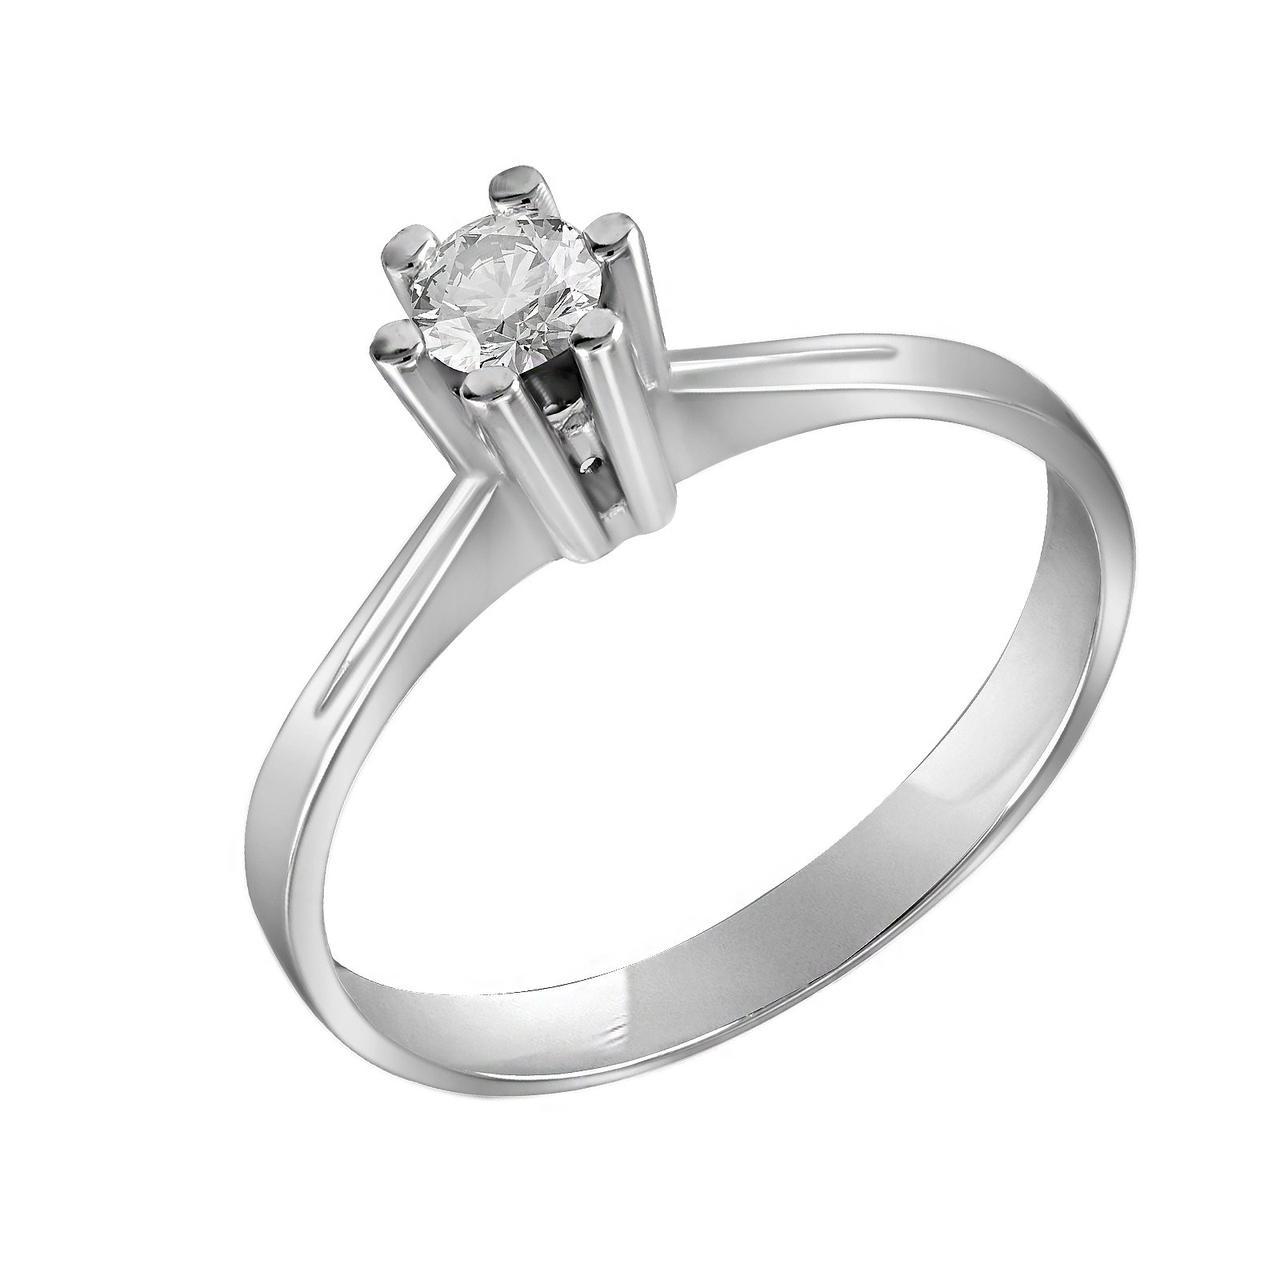 Золотое кольцо с бриллиантом, размер 17 (700025)